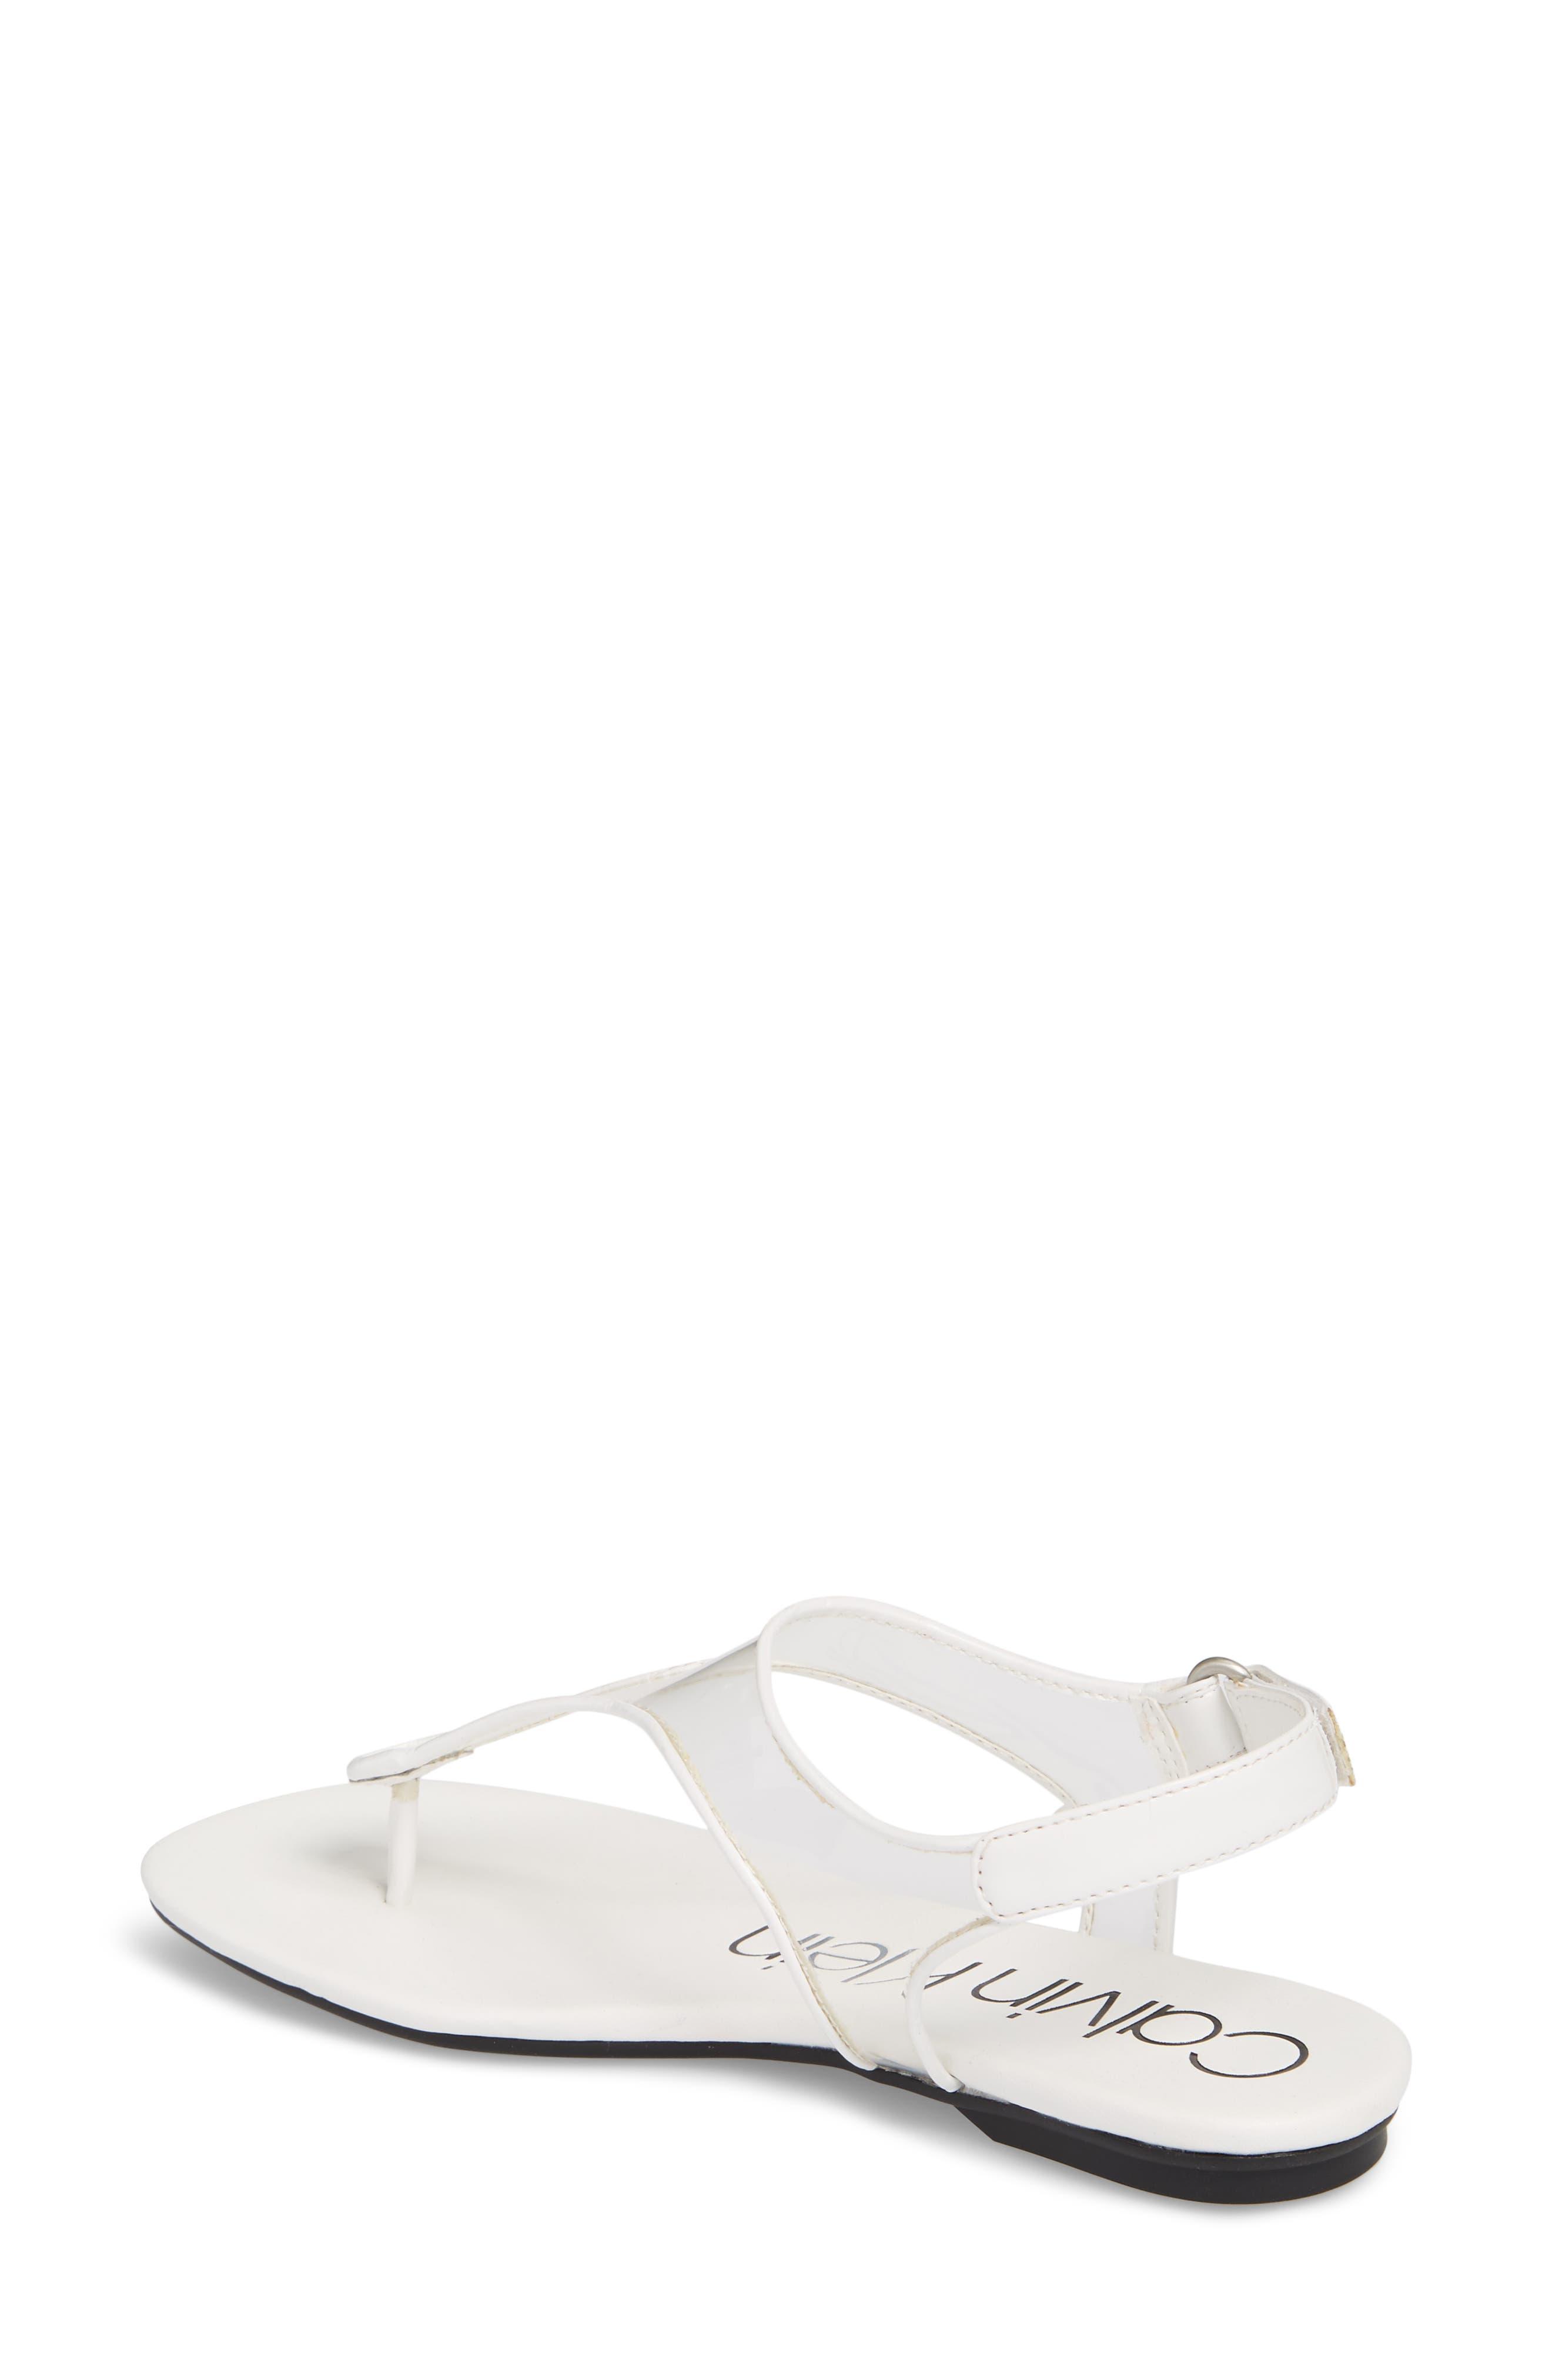 Shilo Clear Strap Sandal,                             Alternate thumbnail 2, color,                             Platinum White Faux Leather